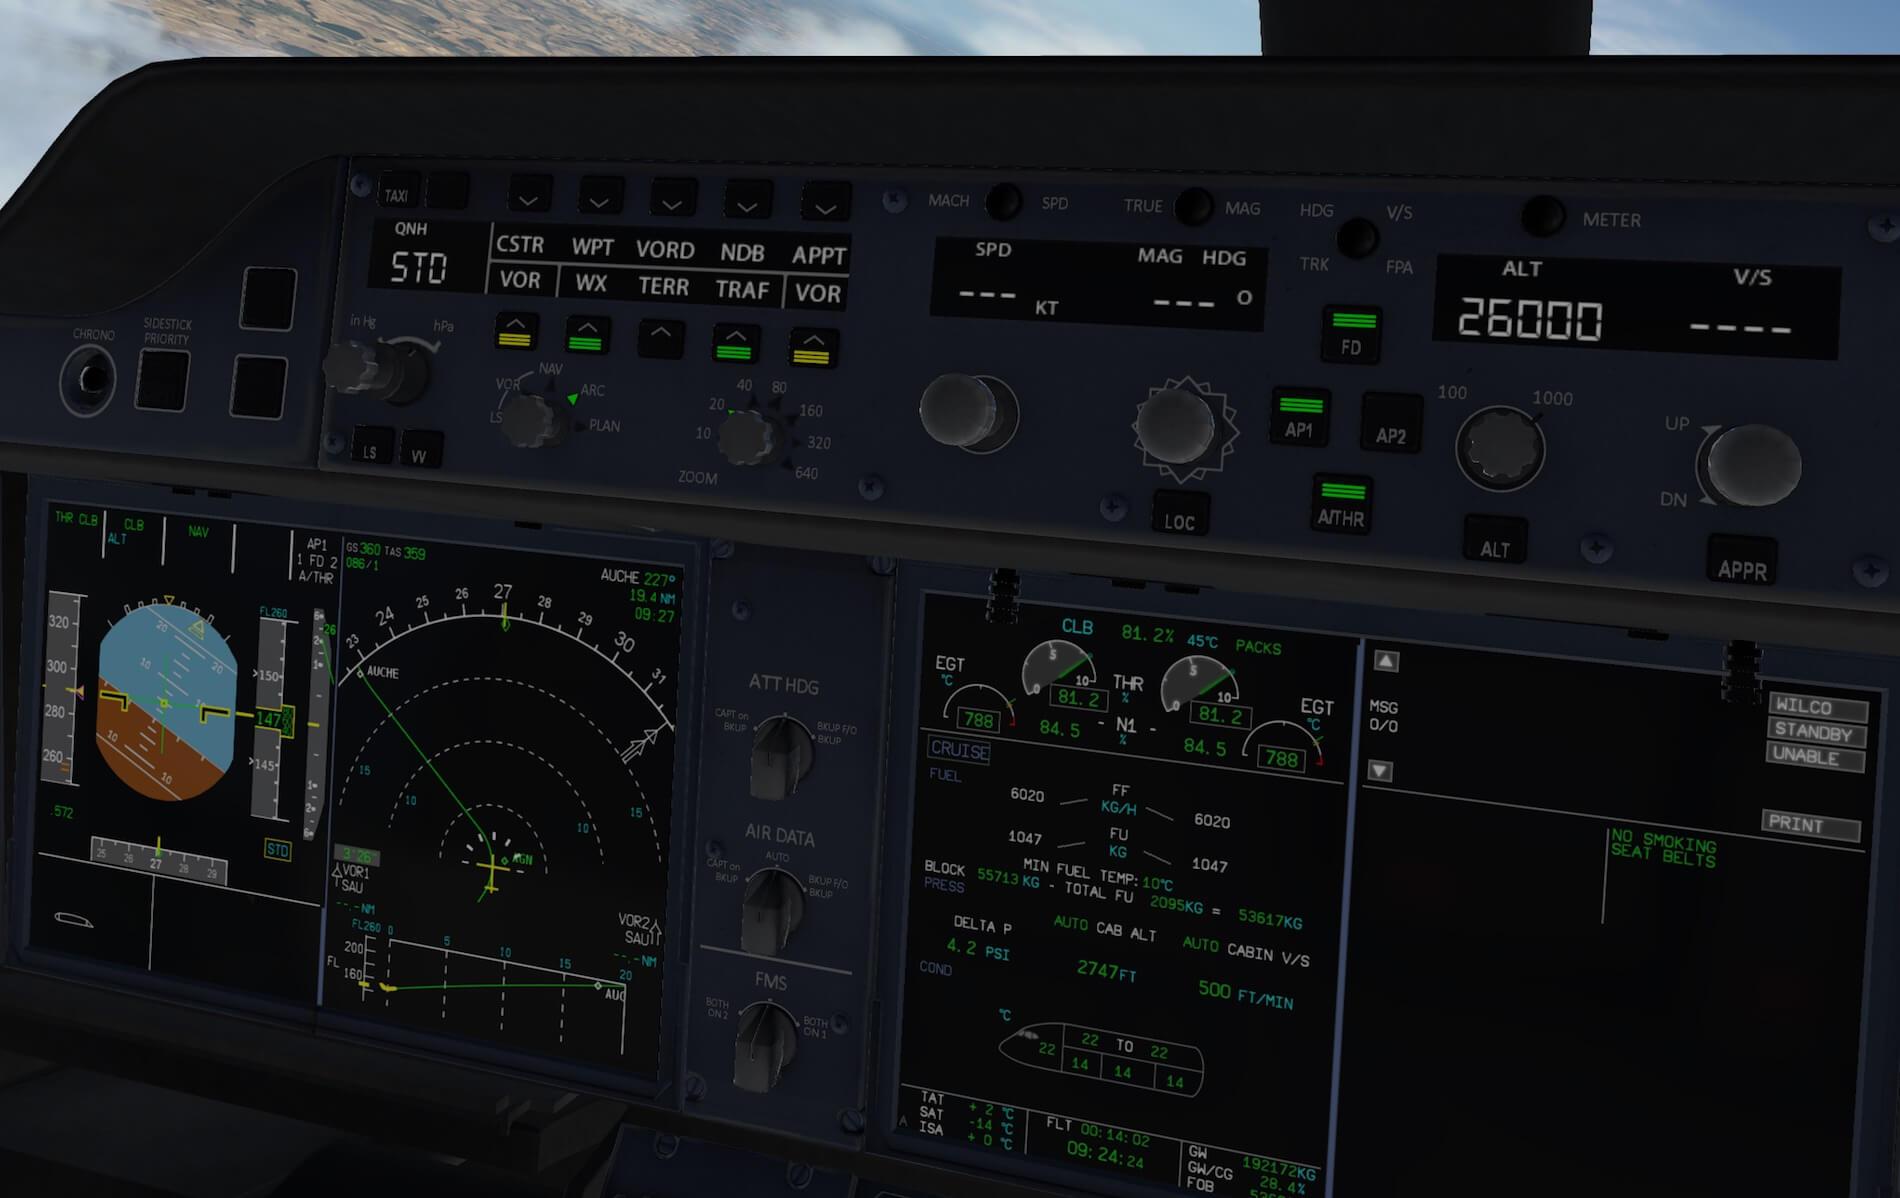 A350_xp11_14